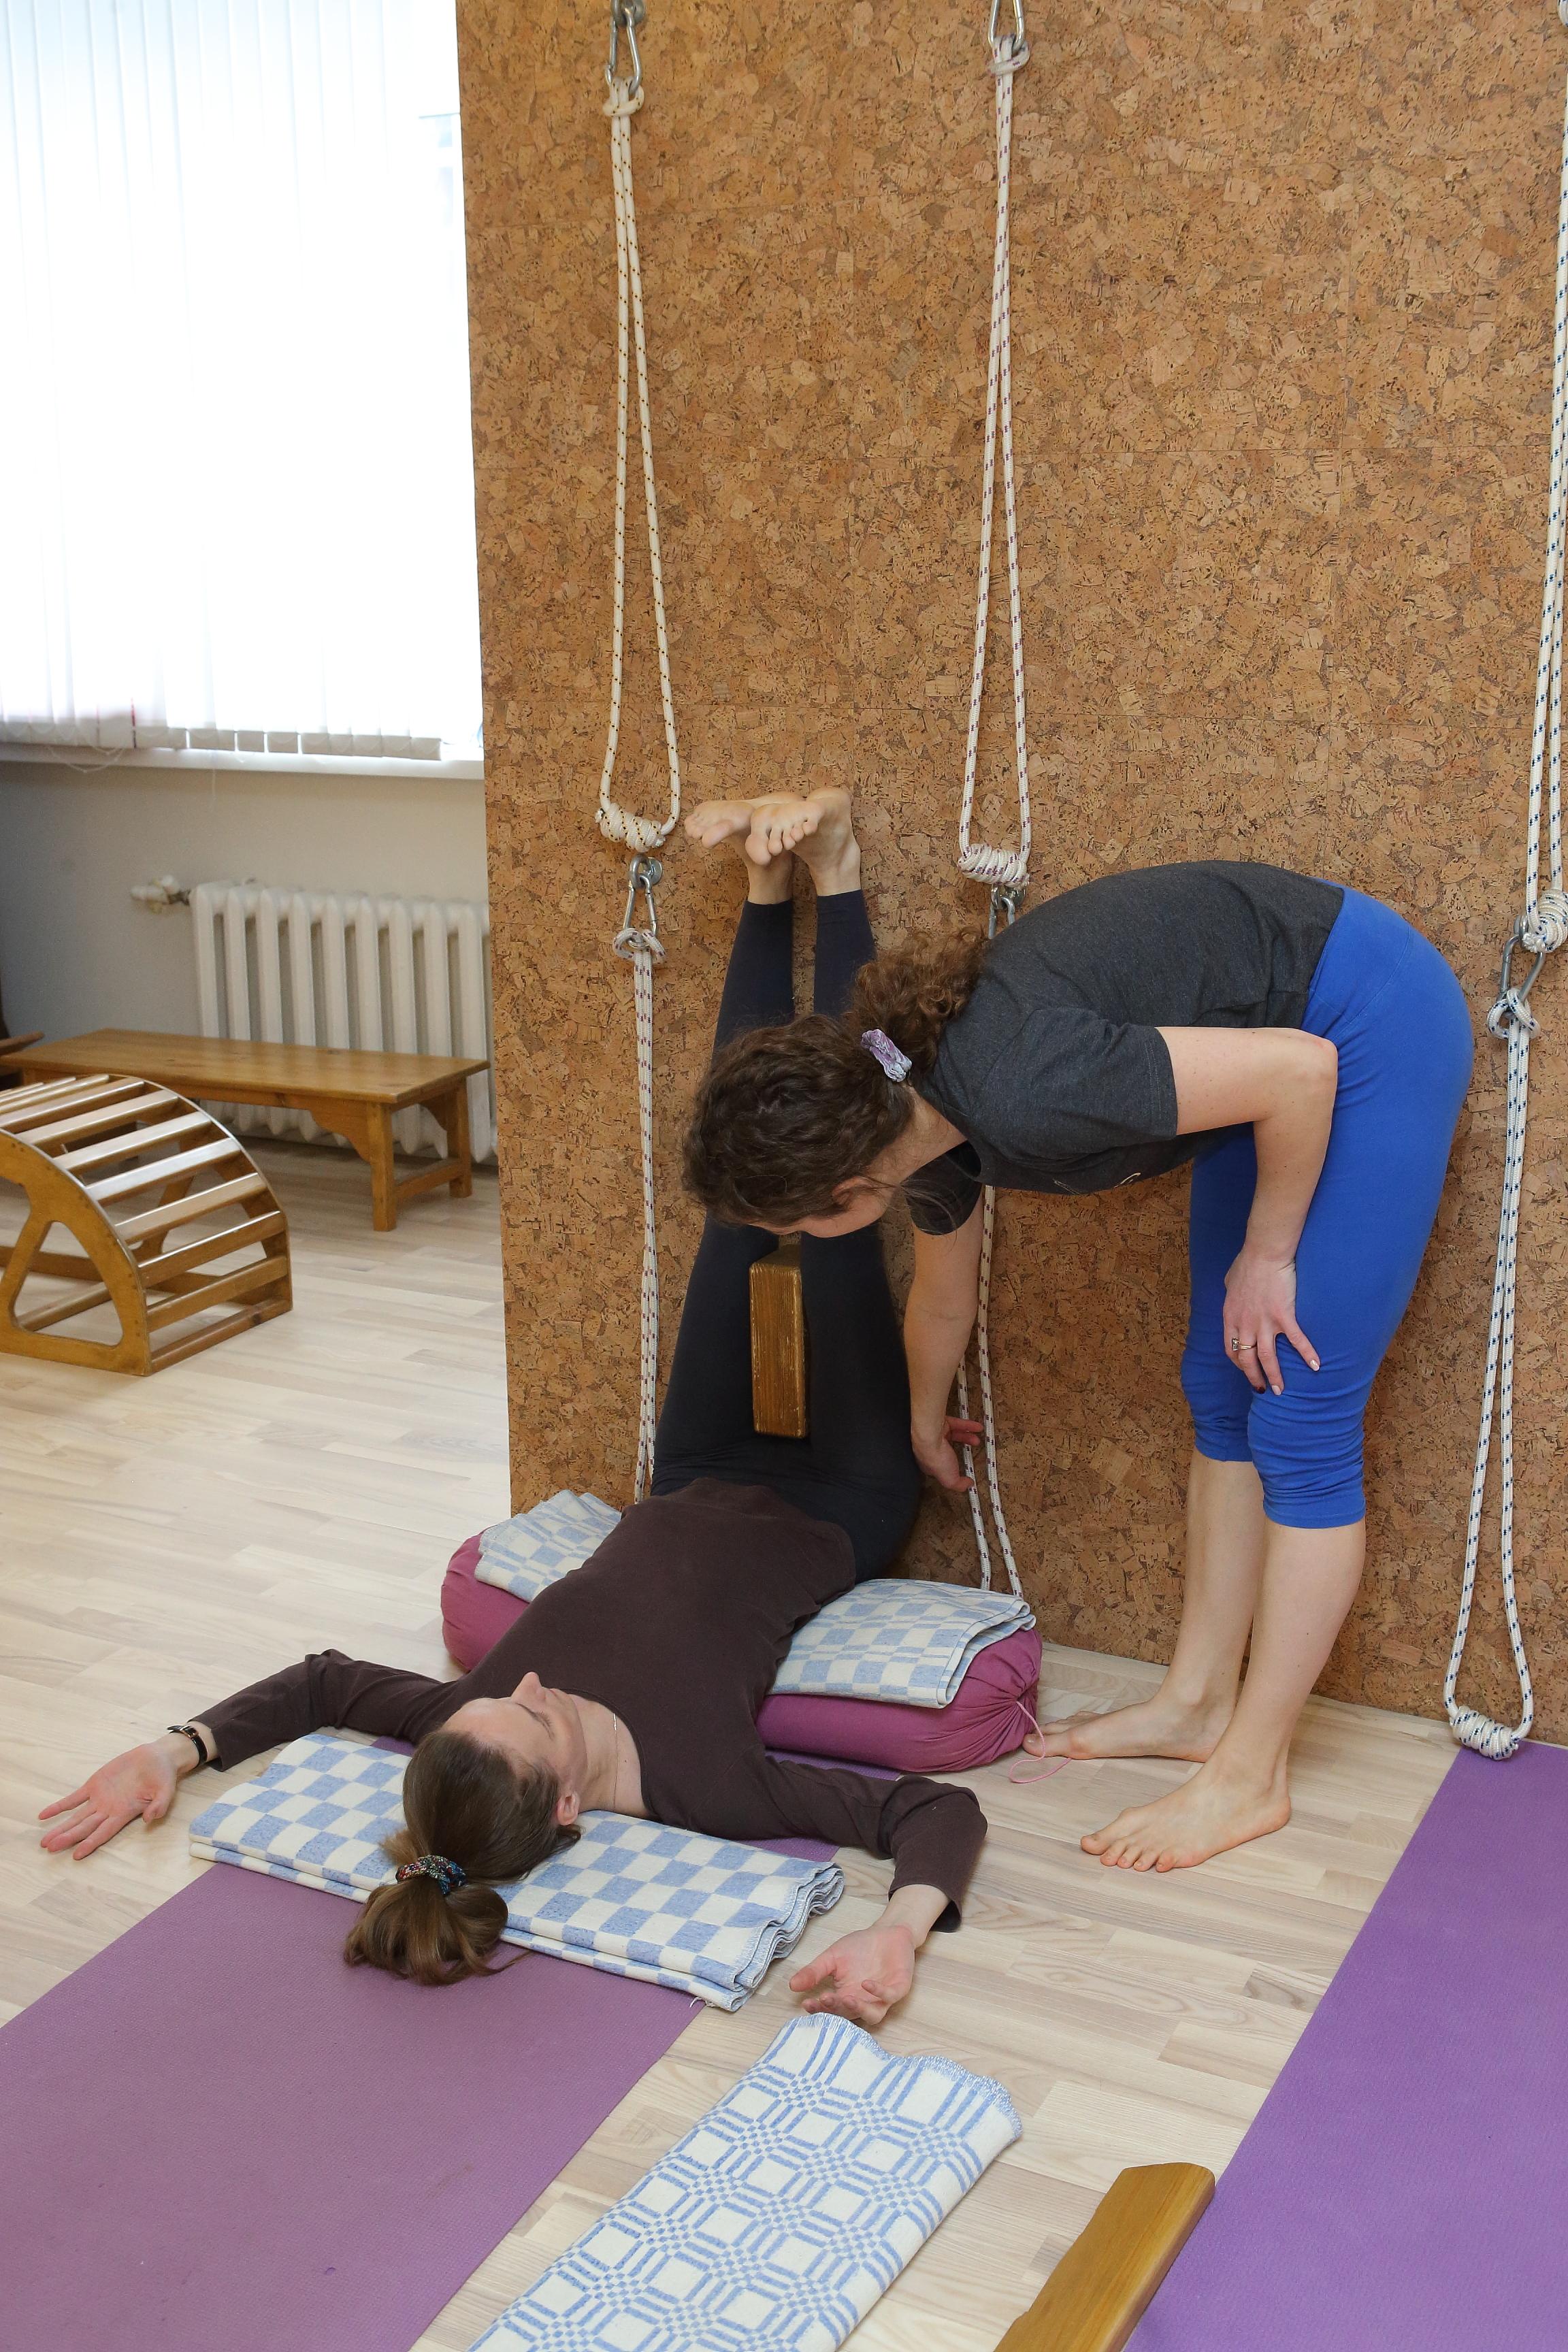 Достижение результатов и целей каждого ученика, таких как избавление от болей, развитие гибкости, умиротворение, заряд энергии, избавление от лишнего веса и многое другое у нас в центре йоги Айенгара в Нижнем Новгороде